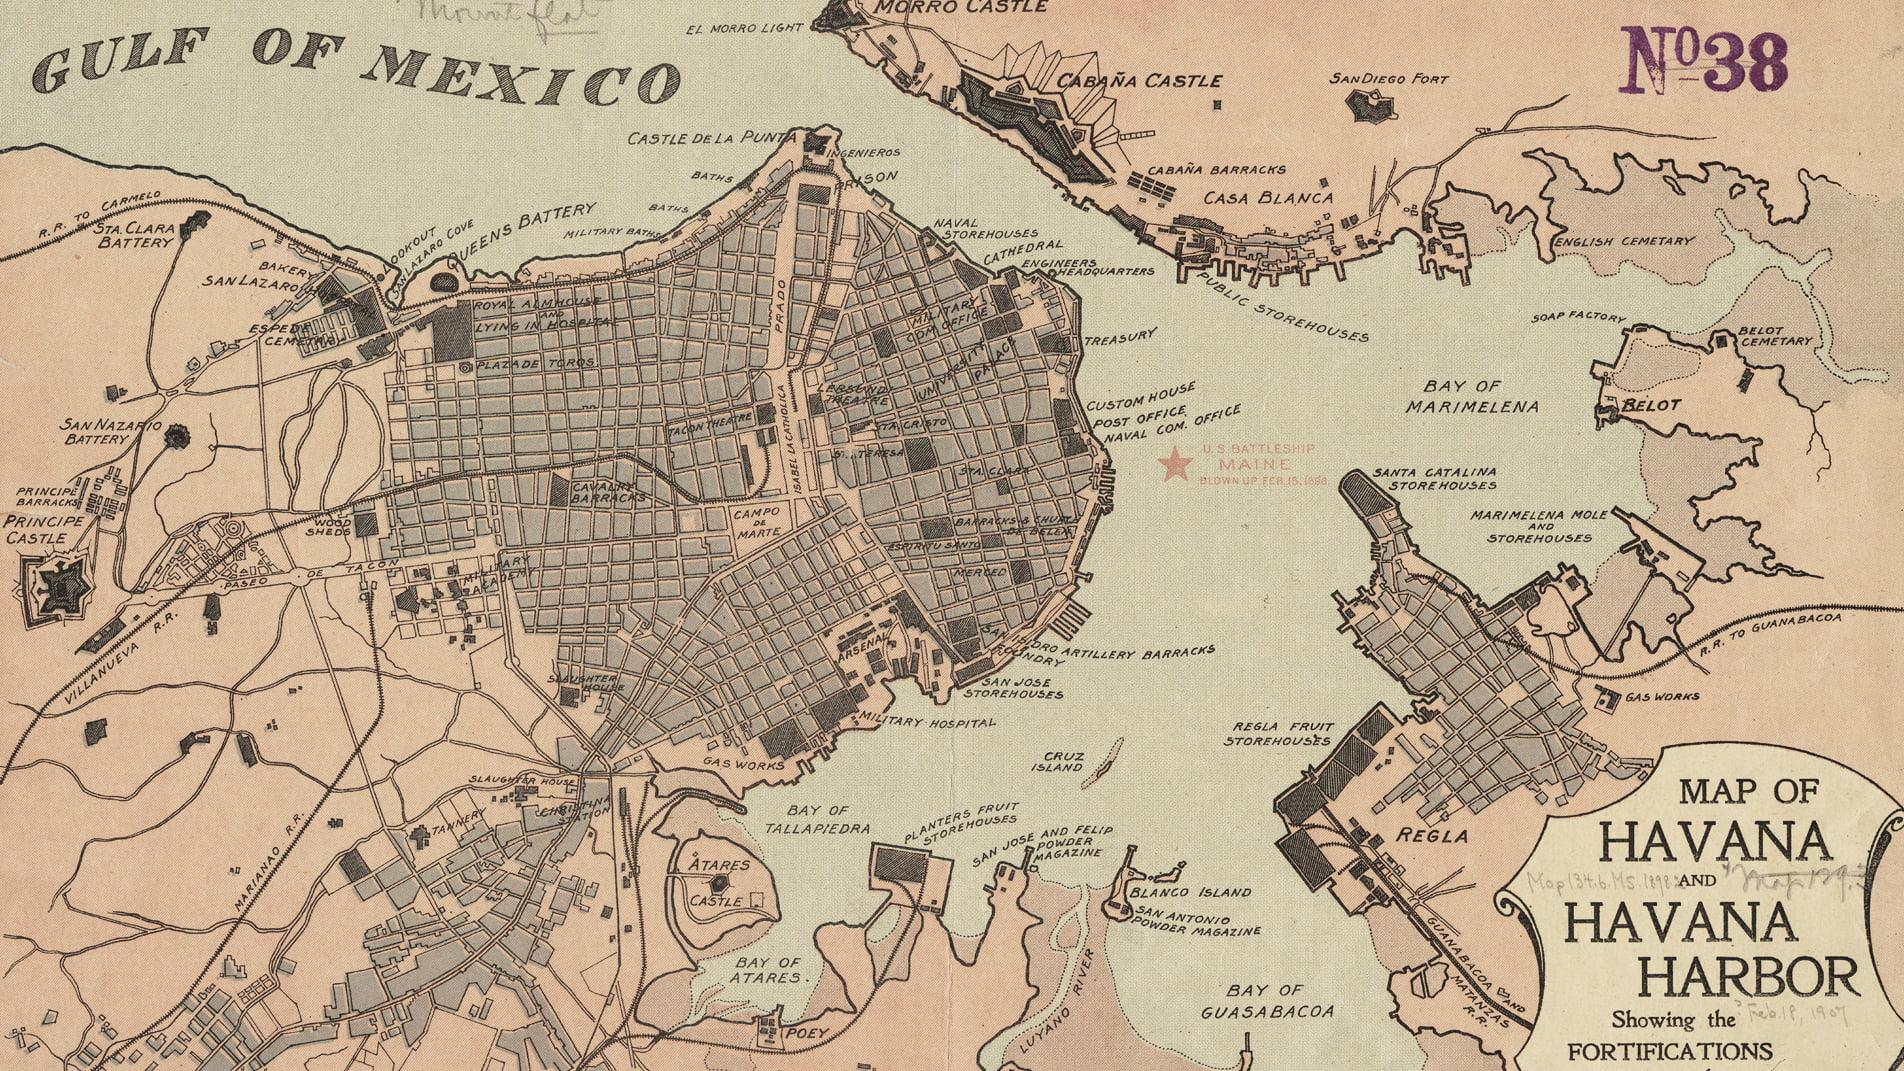 Mapa antiguo de La Habana Cuba